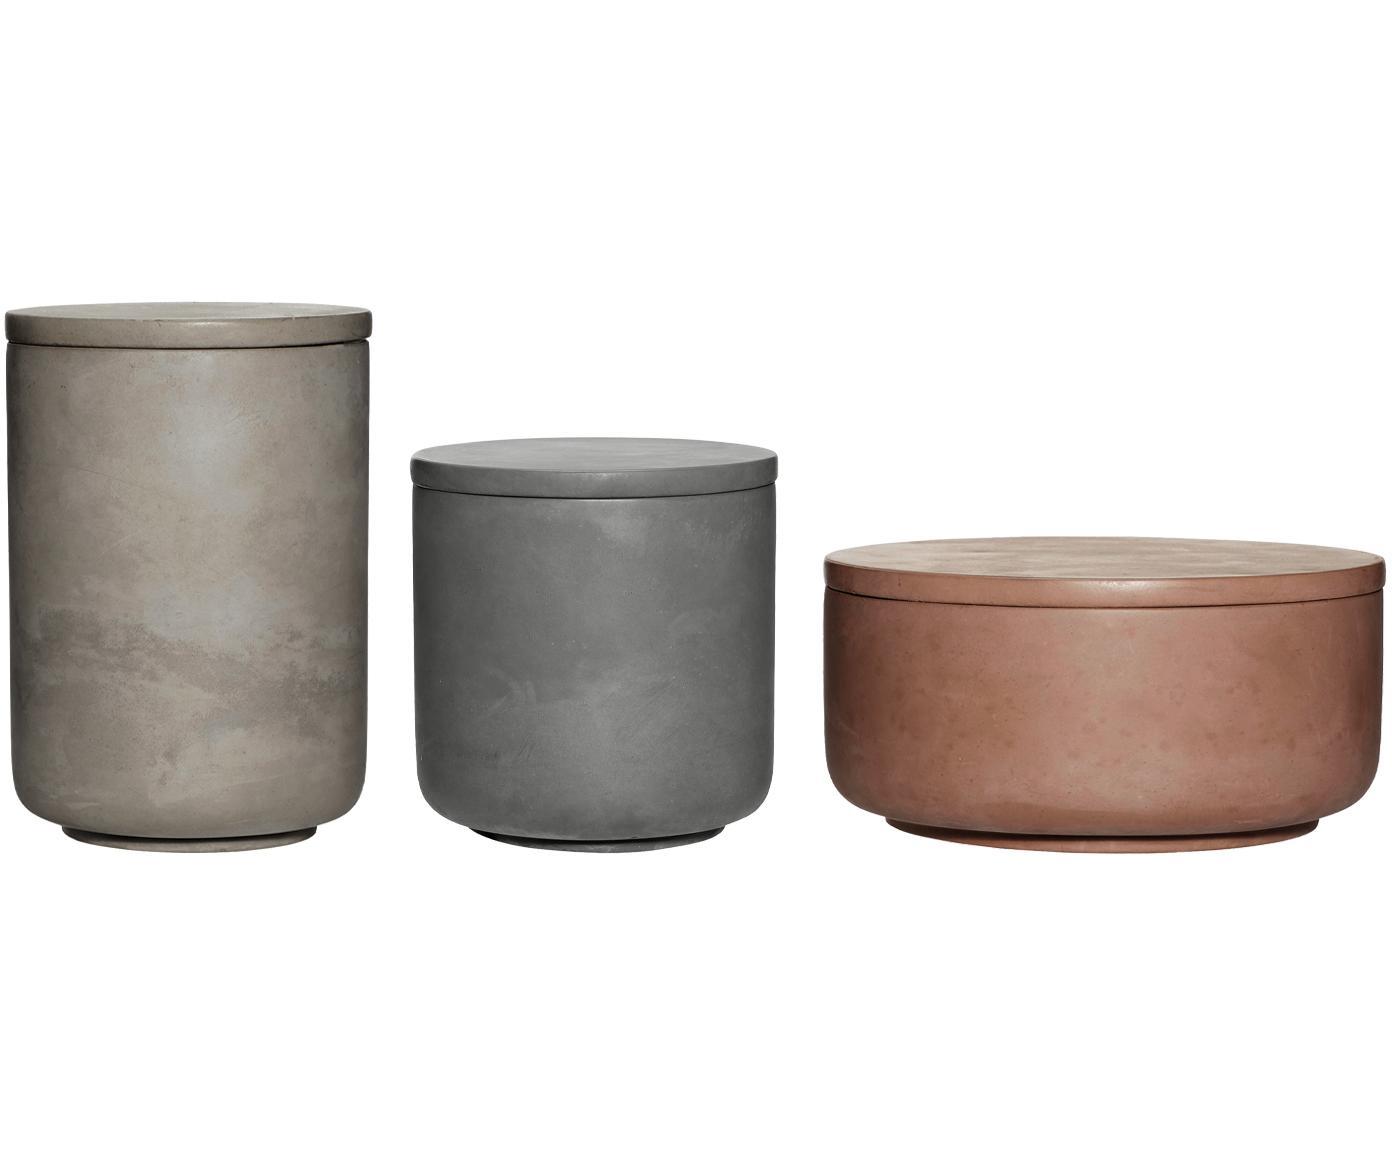 Komplet pudełek do przechowywania Tomoe, 3elem., Cement, Różowy, jasny szary, ciemny szary, Różne rozmiary